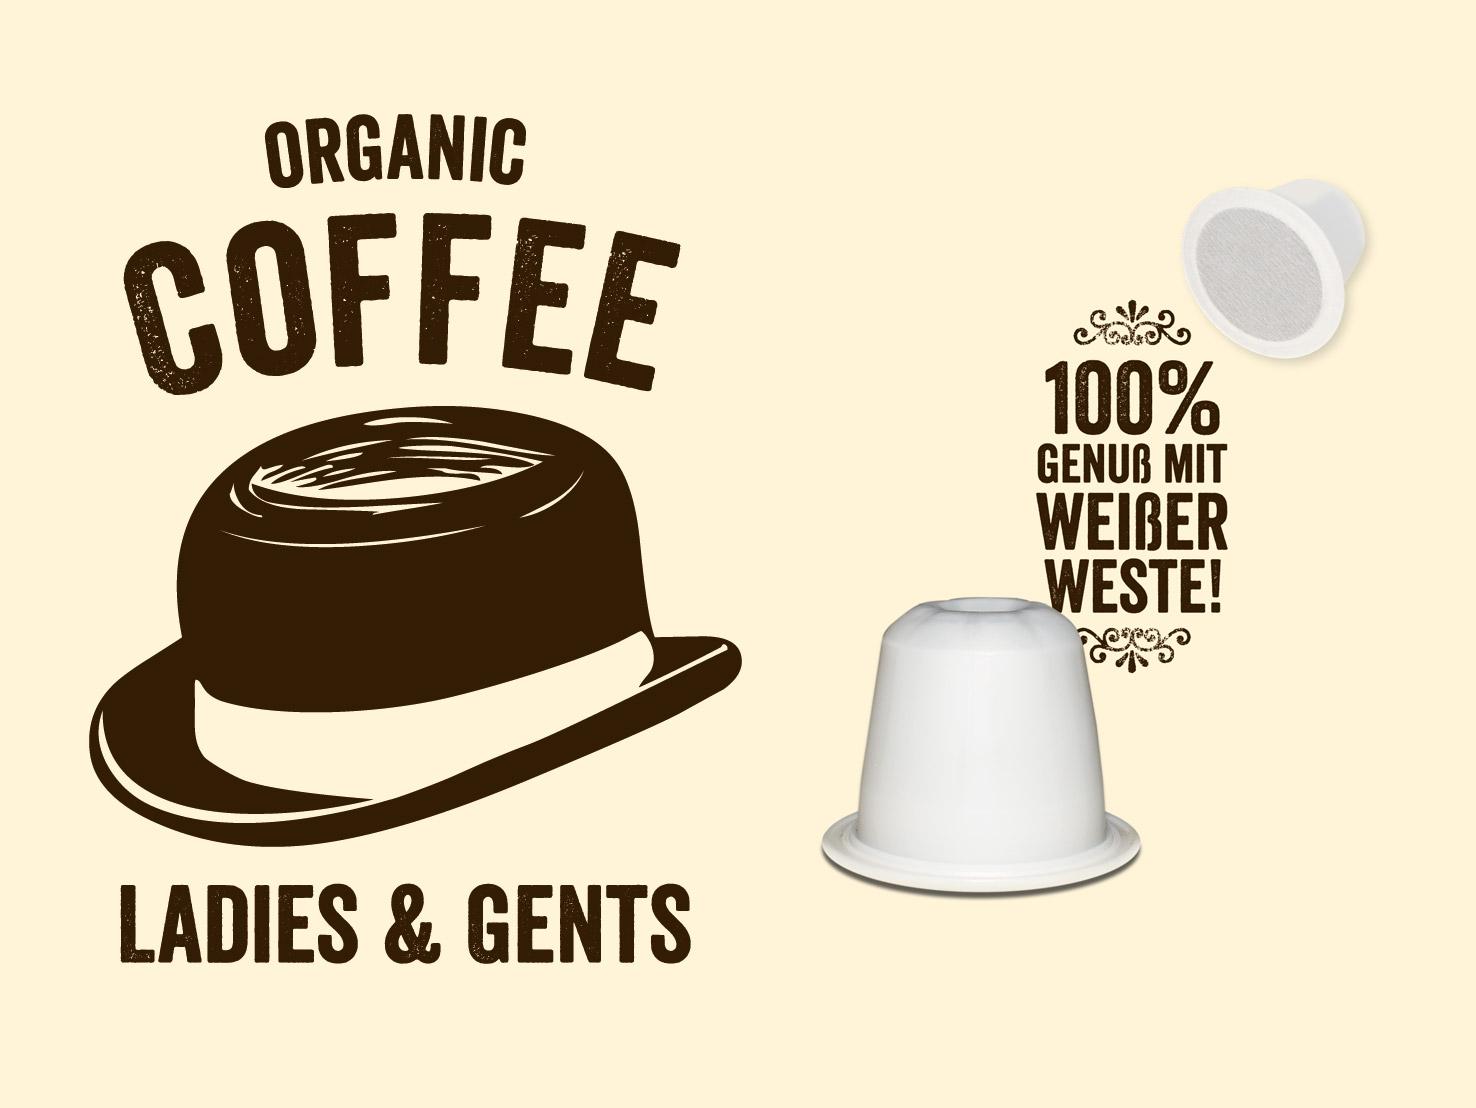 100% Organic Coffee